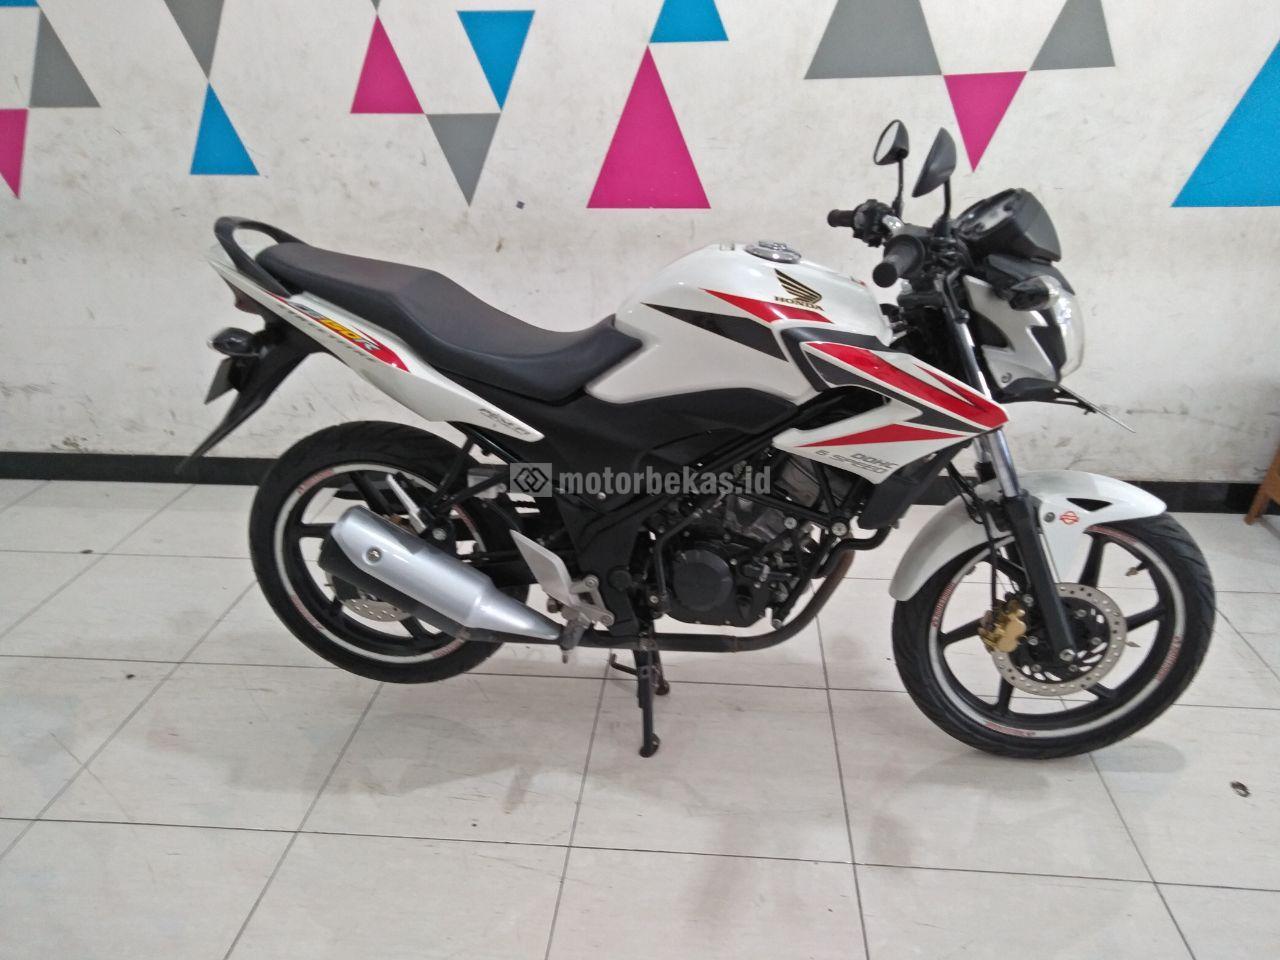 HONDA CB 150R  3008 motorbekas.id